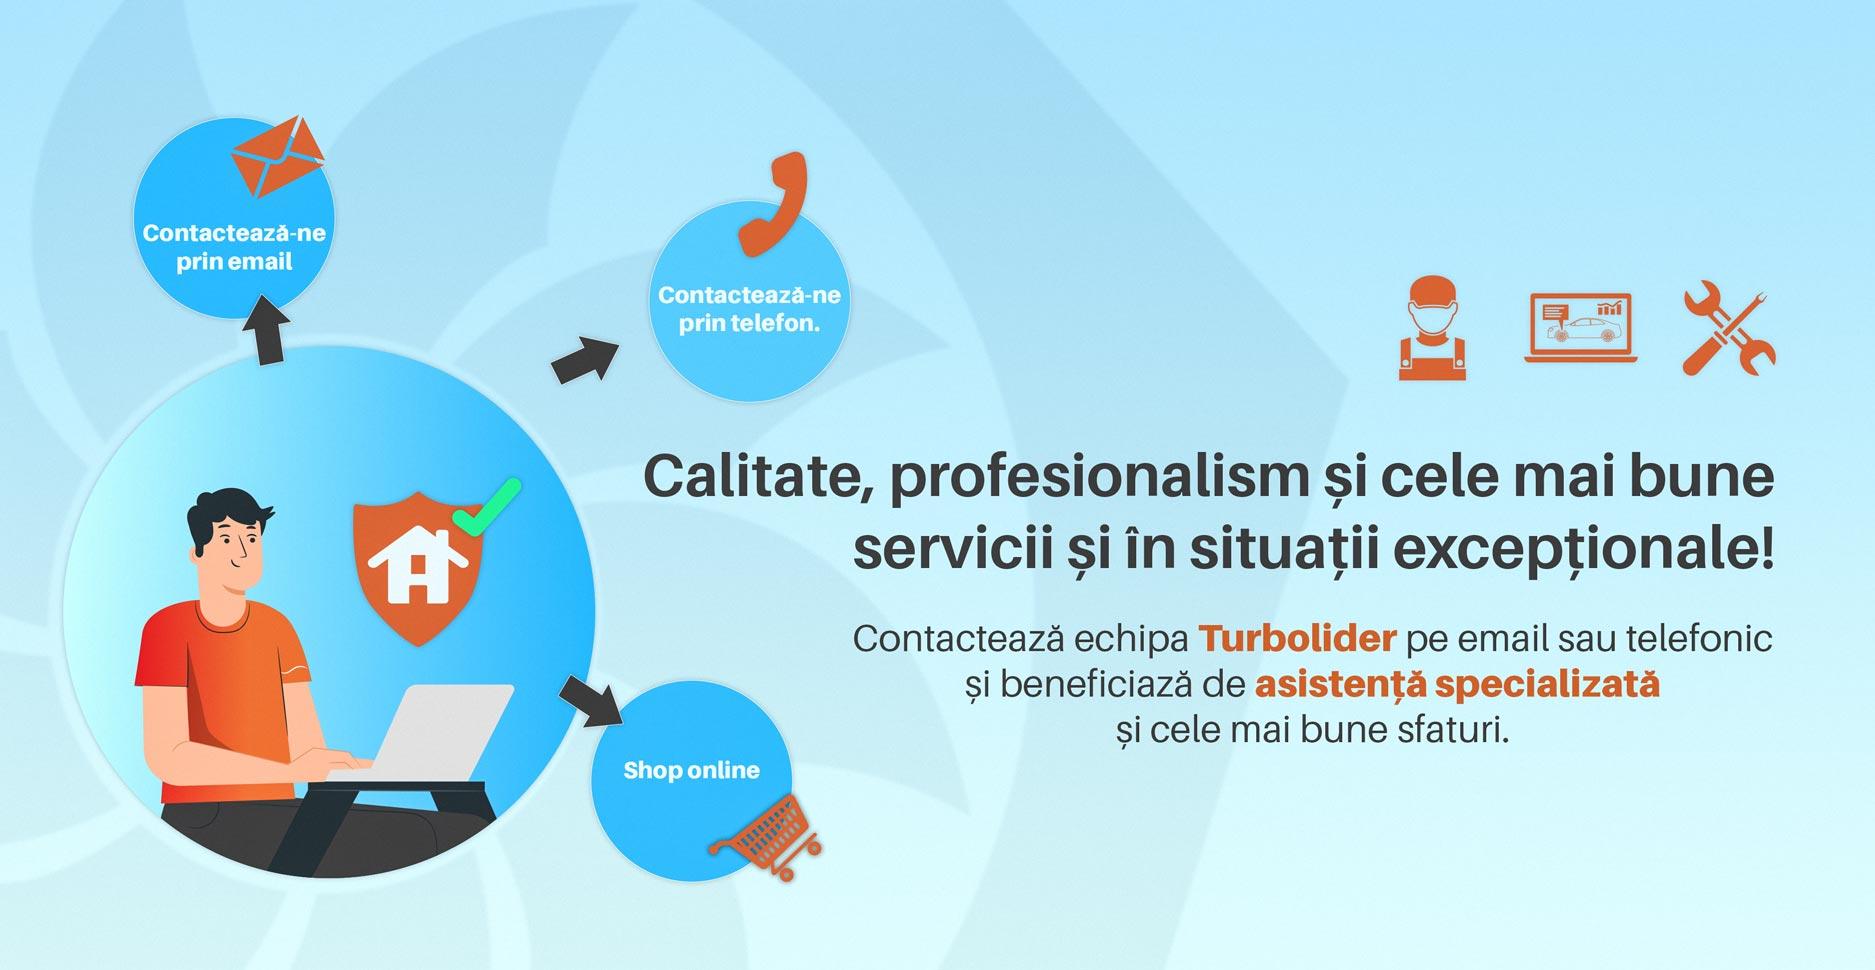 Calitate, profesionalism și cele mai bune servicii și în situații excepționale!